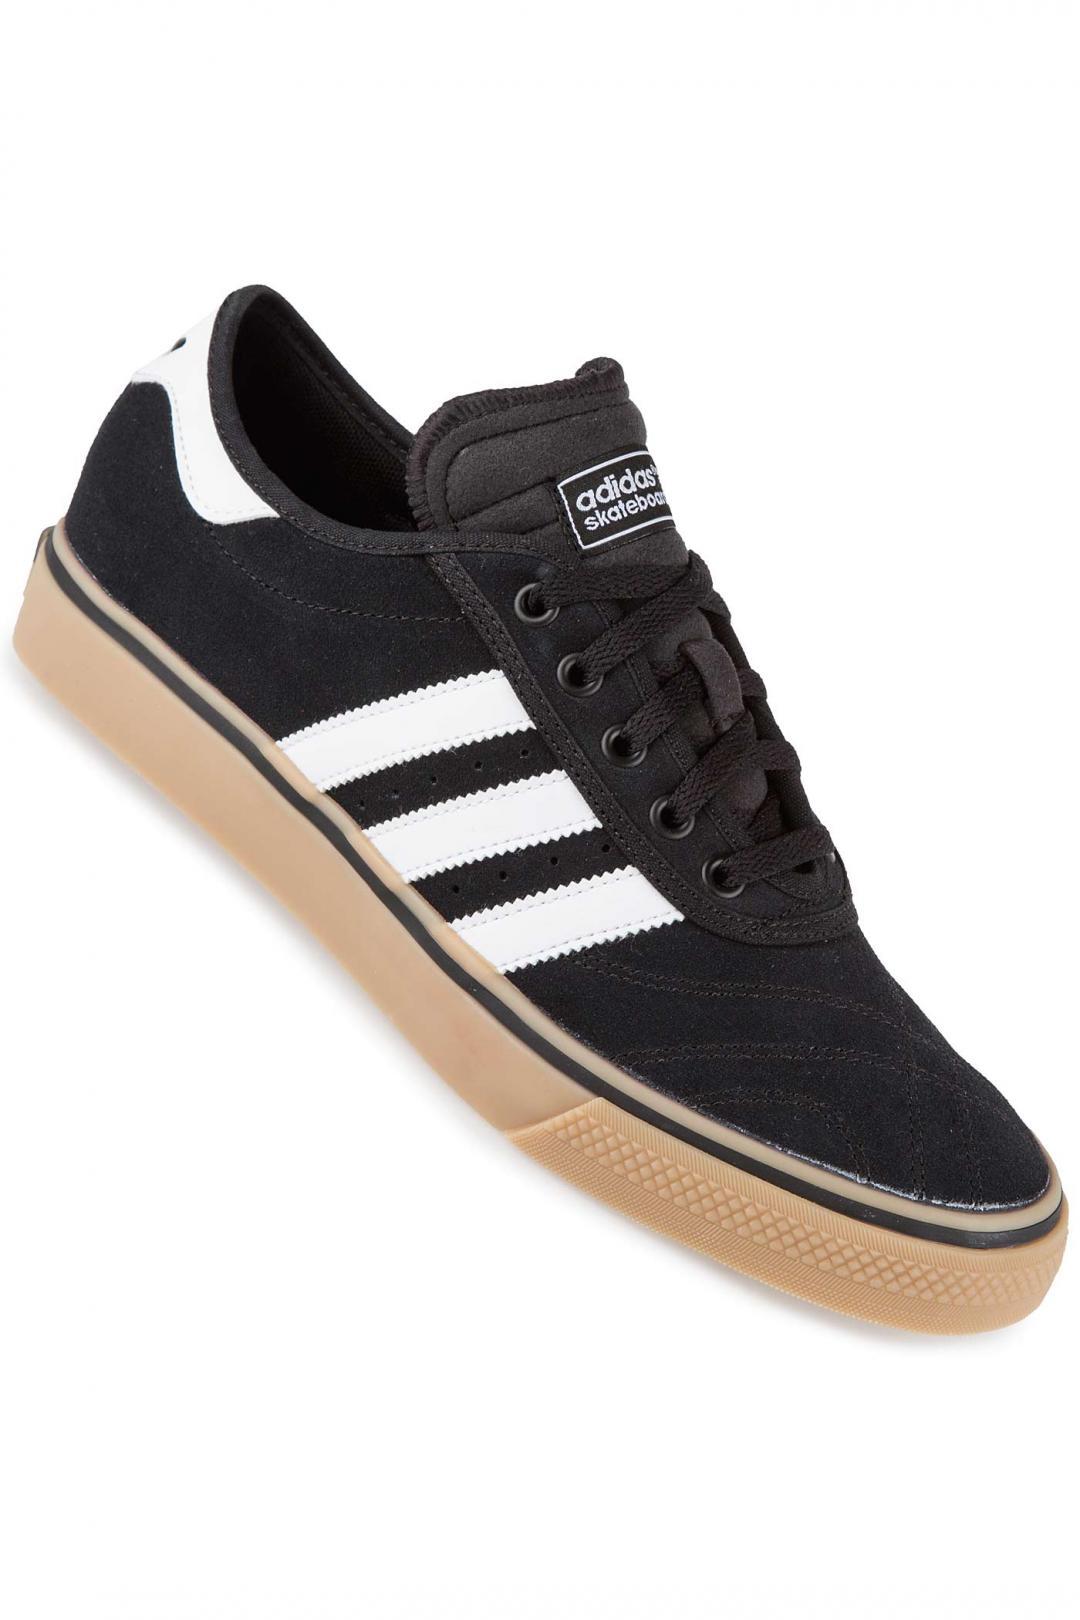 Uomo adidas Adi Ease Premiere black white gum | Sneaker